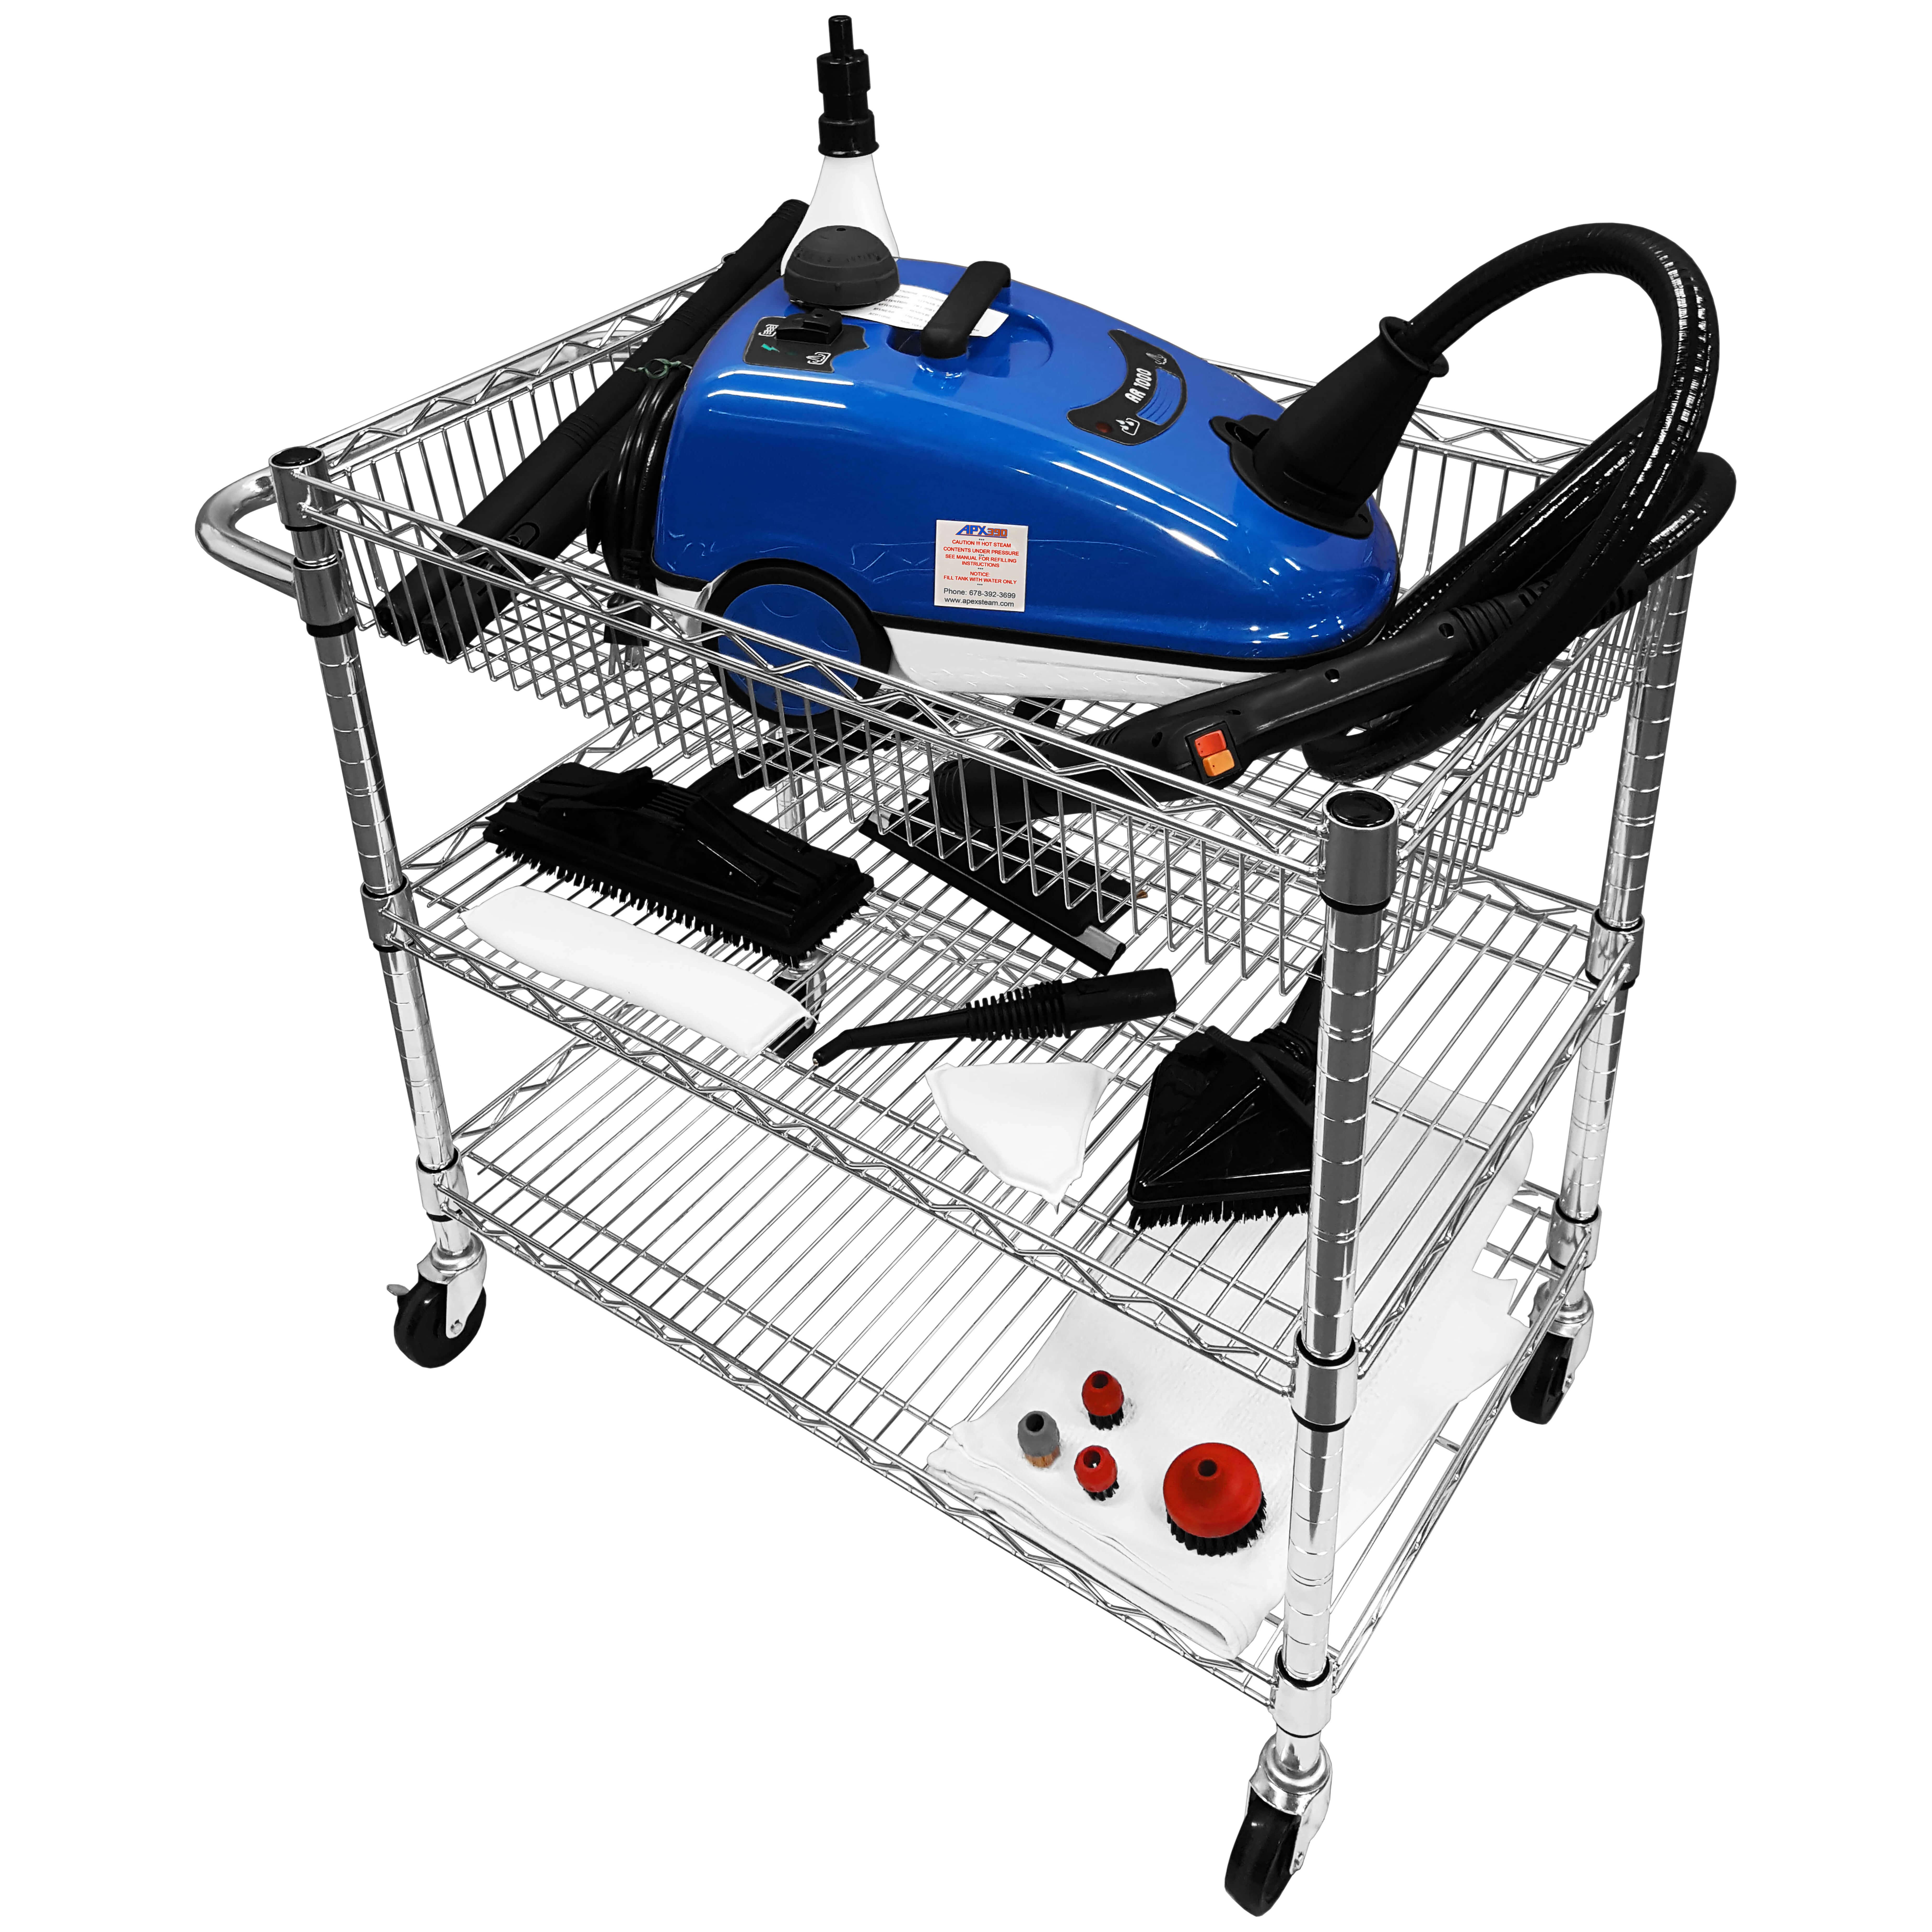 APX390 Portable Steam Cleaner Kit - Apex Steam Apex Steam